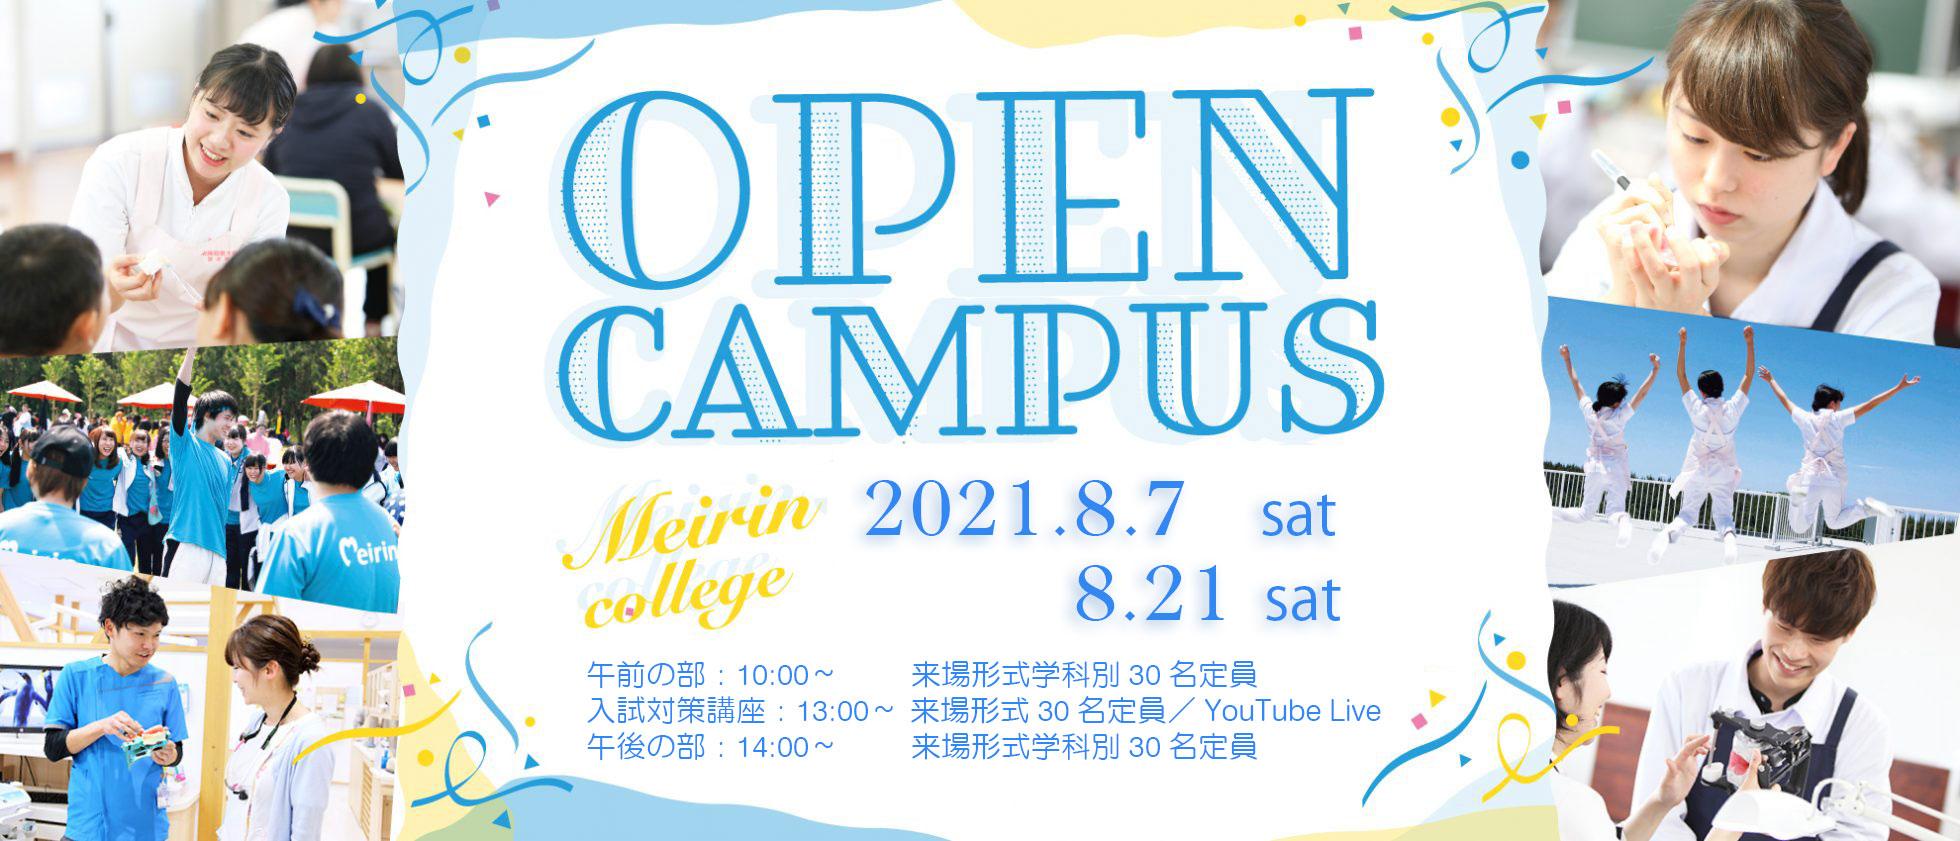 OPEN CAMPUS 2021年度オープンキャンパスが開催されています!歯科技工士、歯科衛生士の職業内容や、国家試験合格を目指す教育内容についてご説明します。